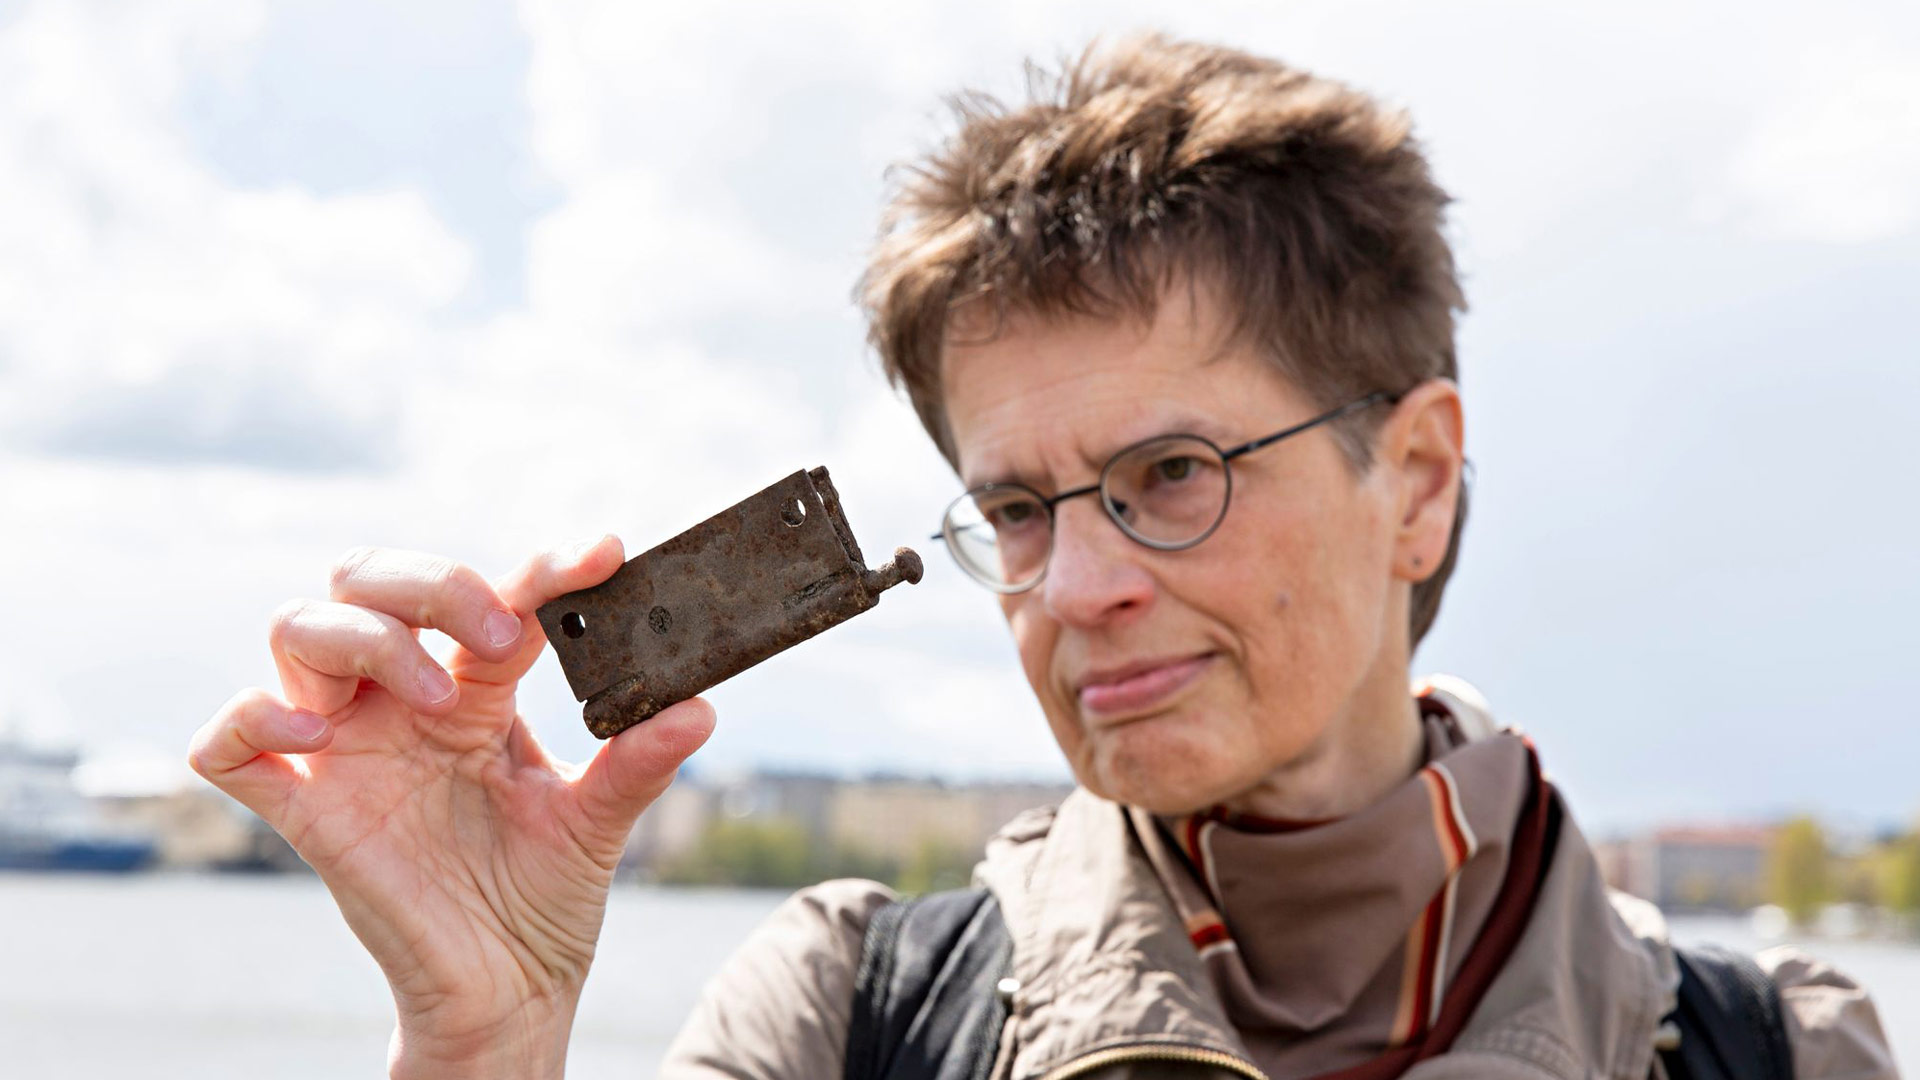 Helsinkiläisenä Maarit Verronen tykkää kulkea joutomailla ja rakenteilla olevilla alueilla ja seurata niiden muutoksia.